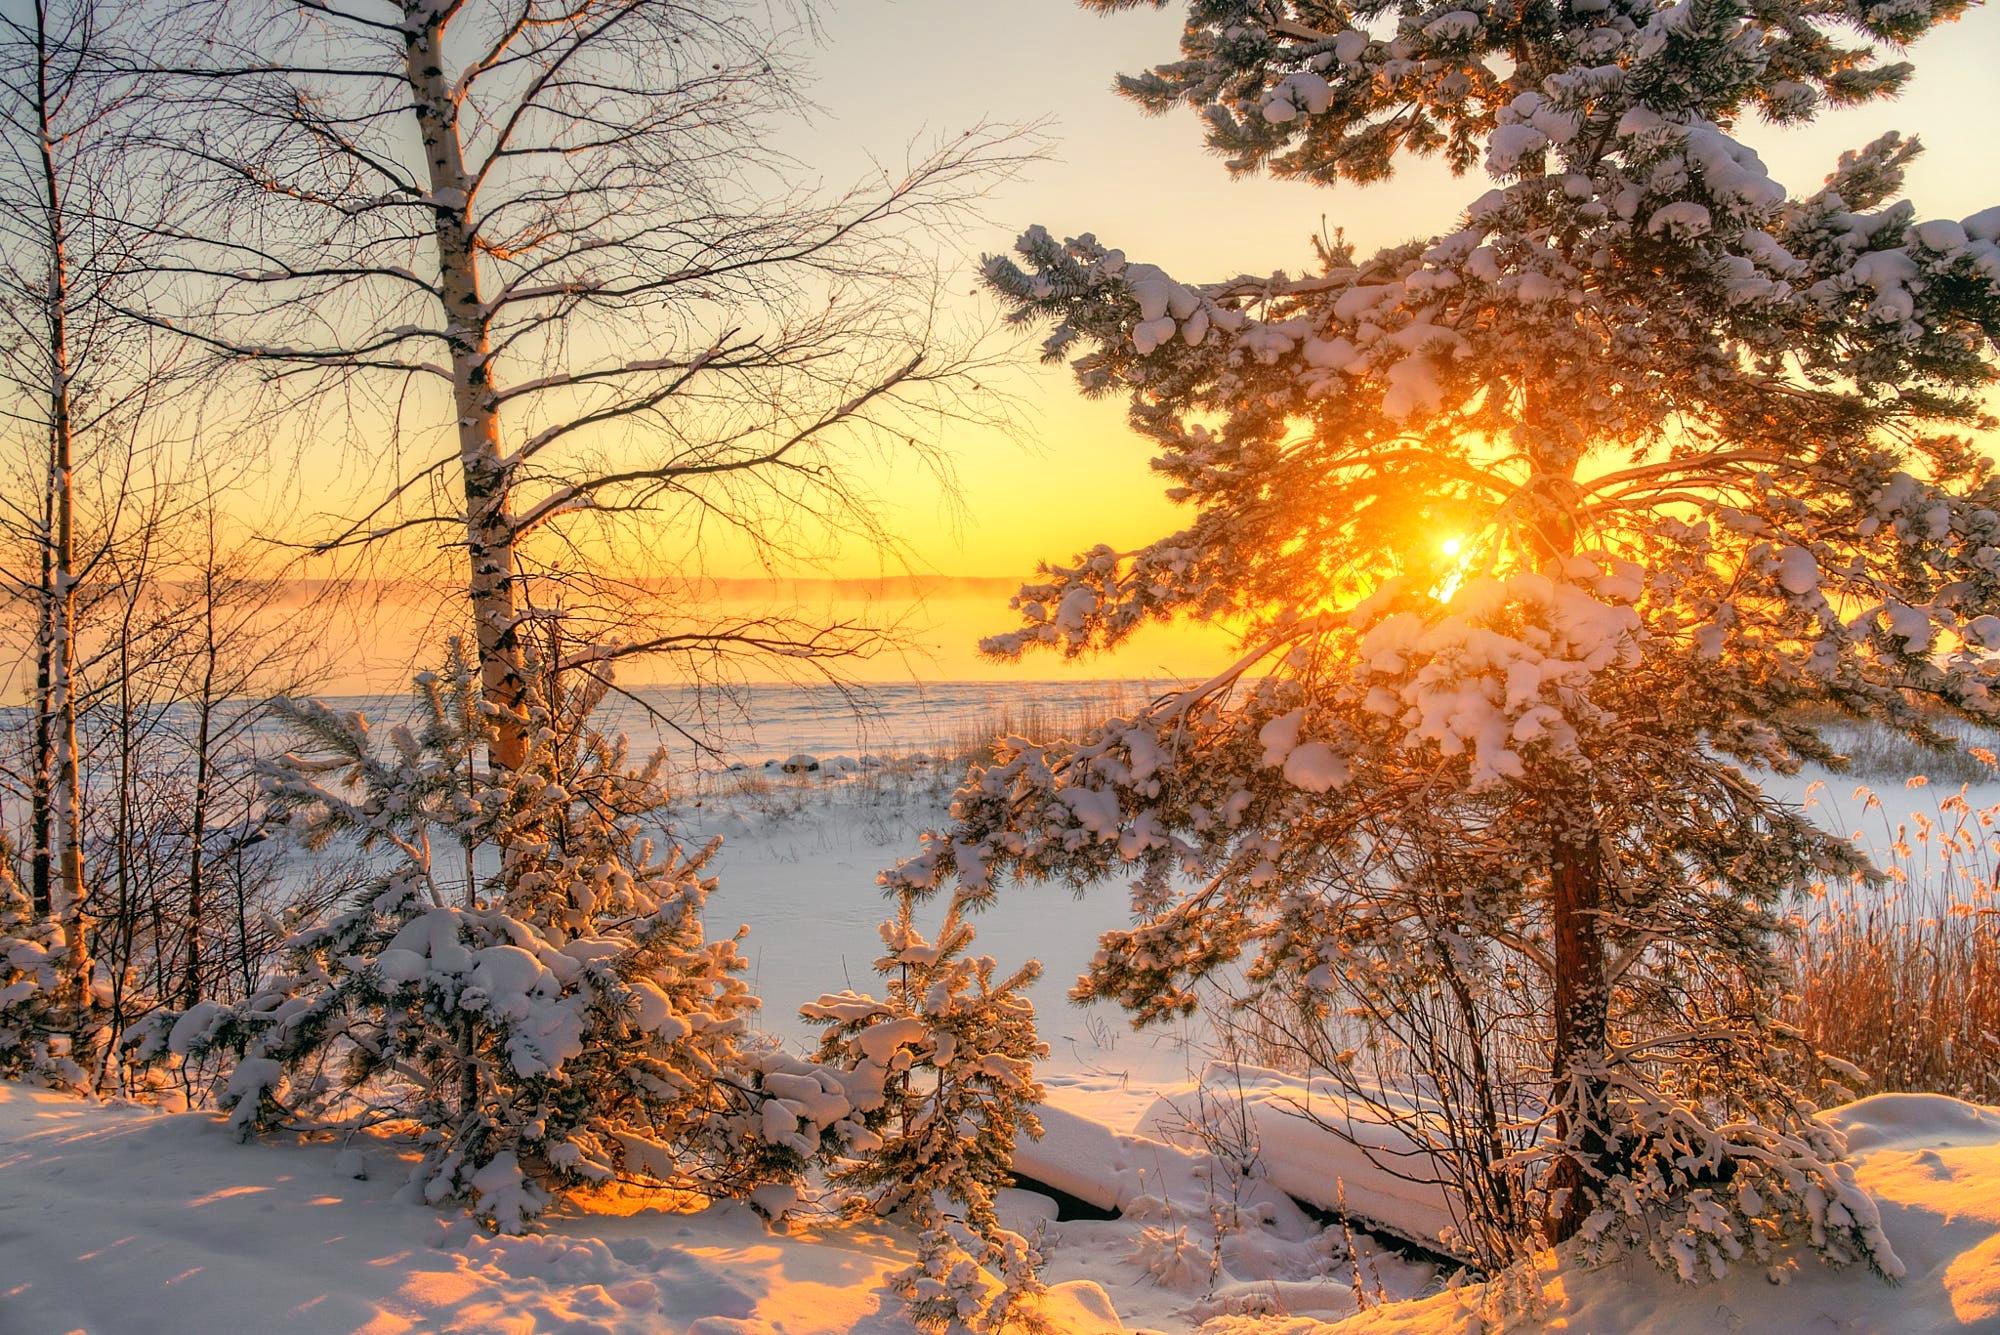 развести картинка ч добрым утром с зимними пейзажами неё проходят трубы